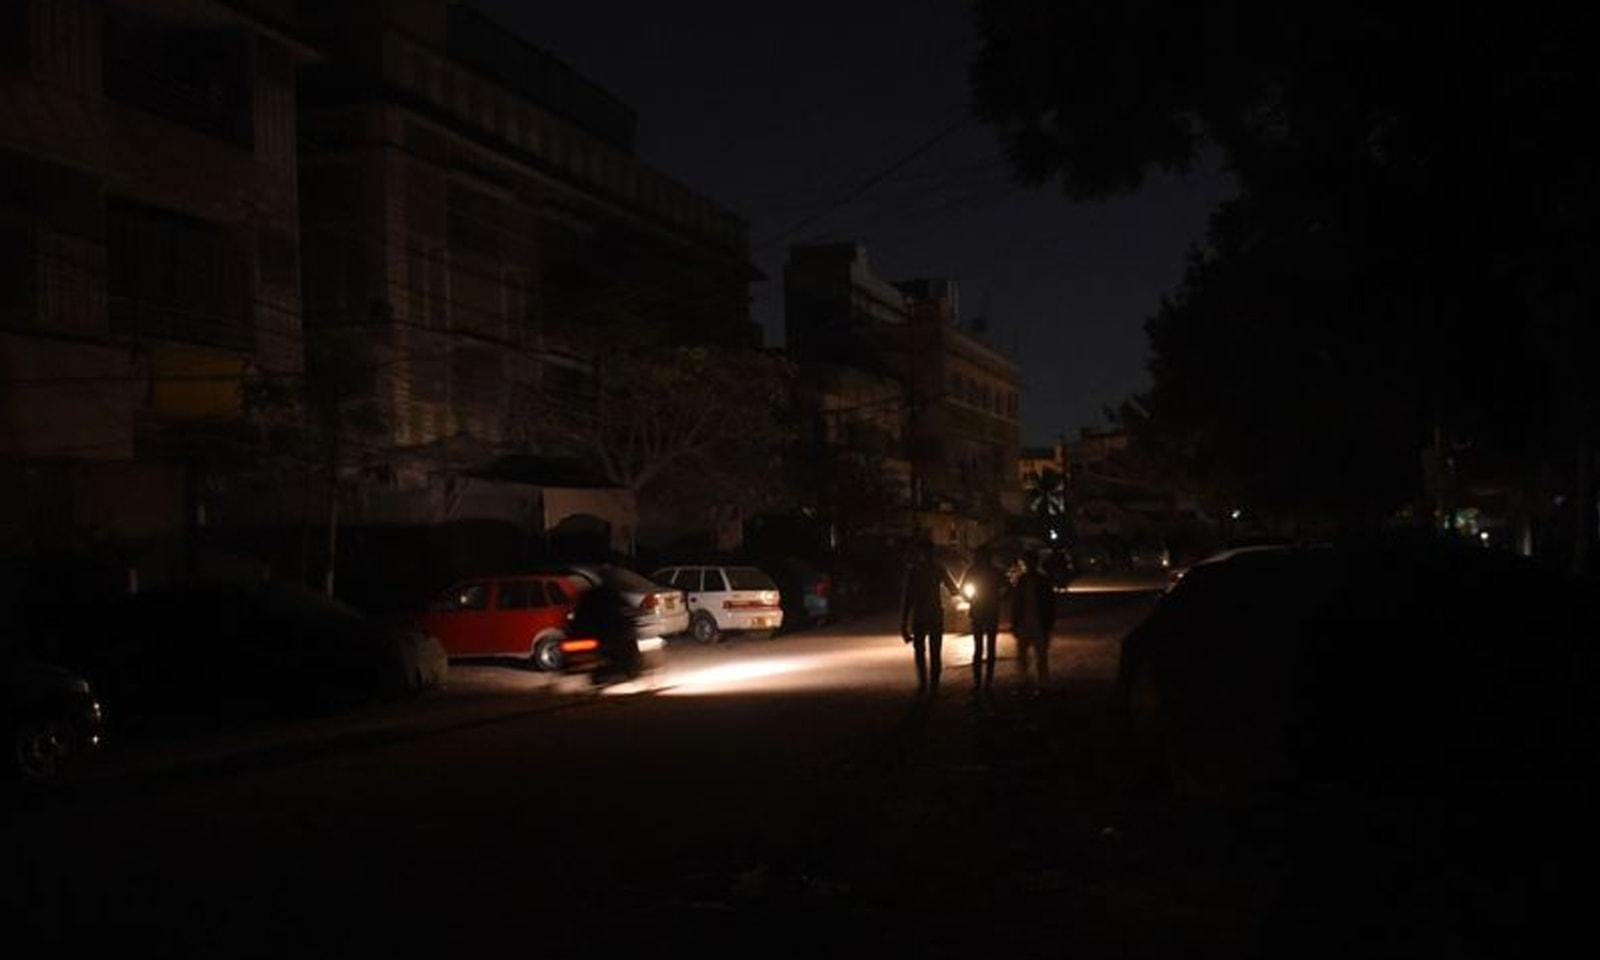 رات گئے ہونے والے بجلی کے بڑے بریک ڈاؤن کے بعد بتدریج بجلی کی بحالی کا کام جاری ہے— فوٹو: اے ایف پی